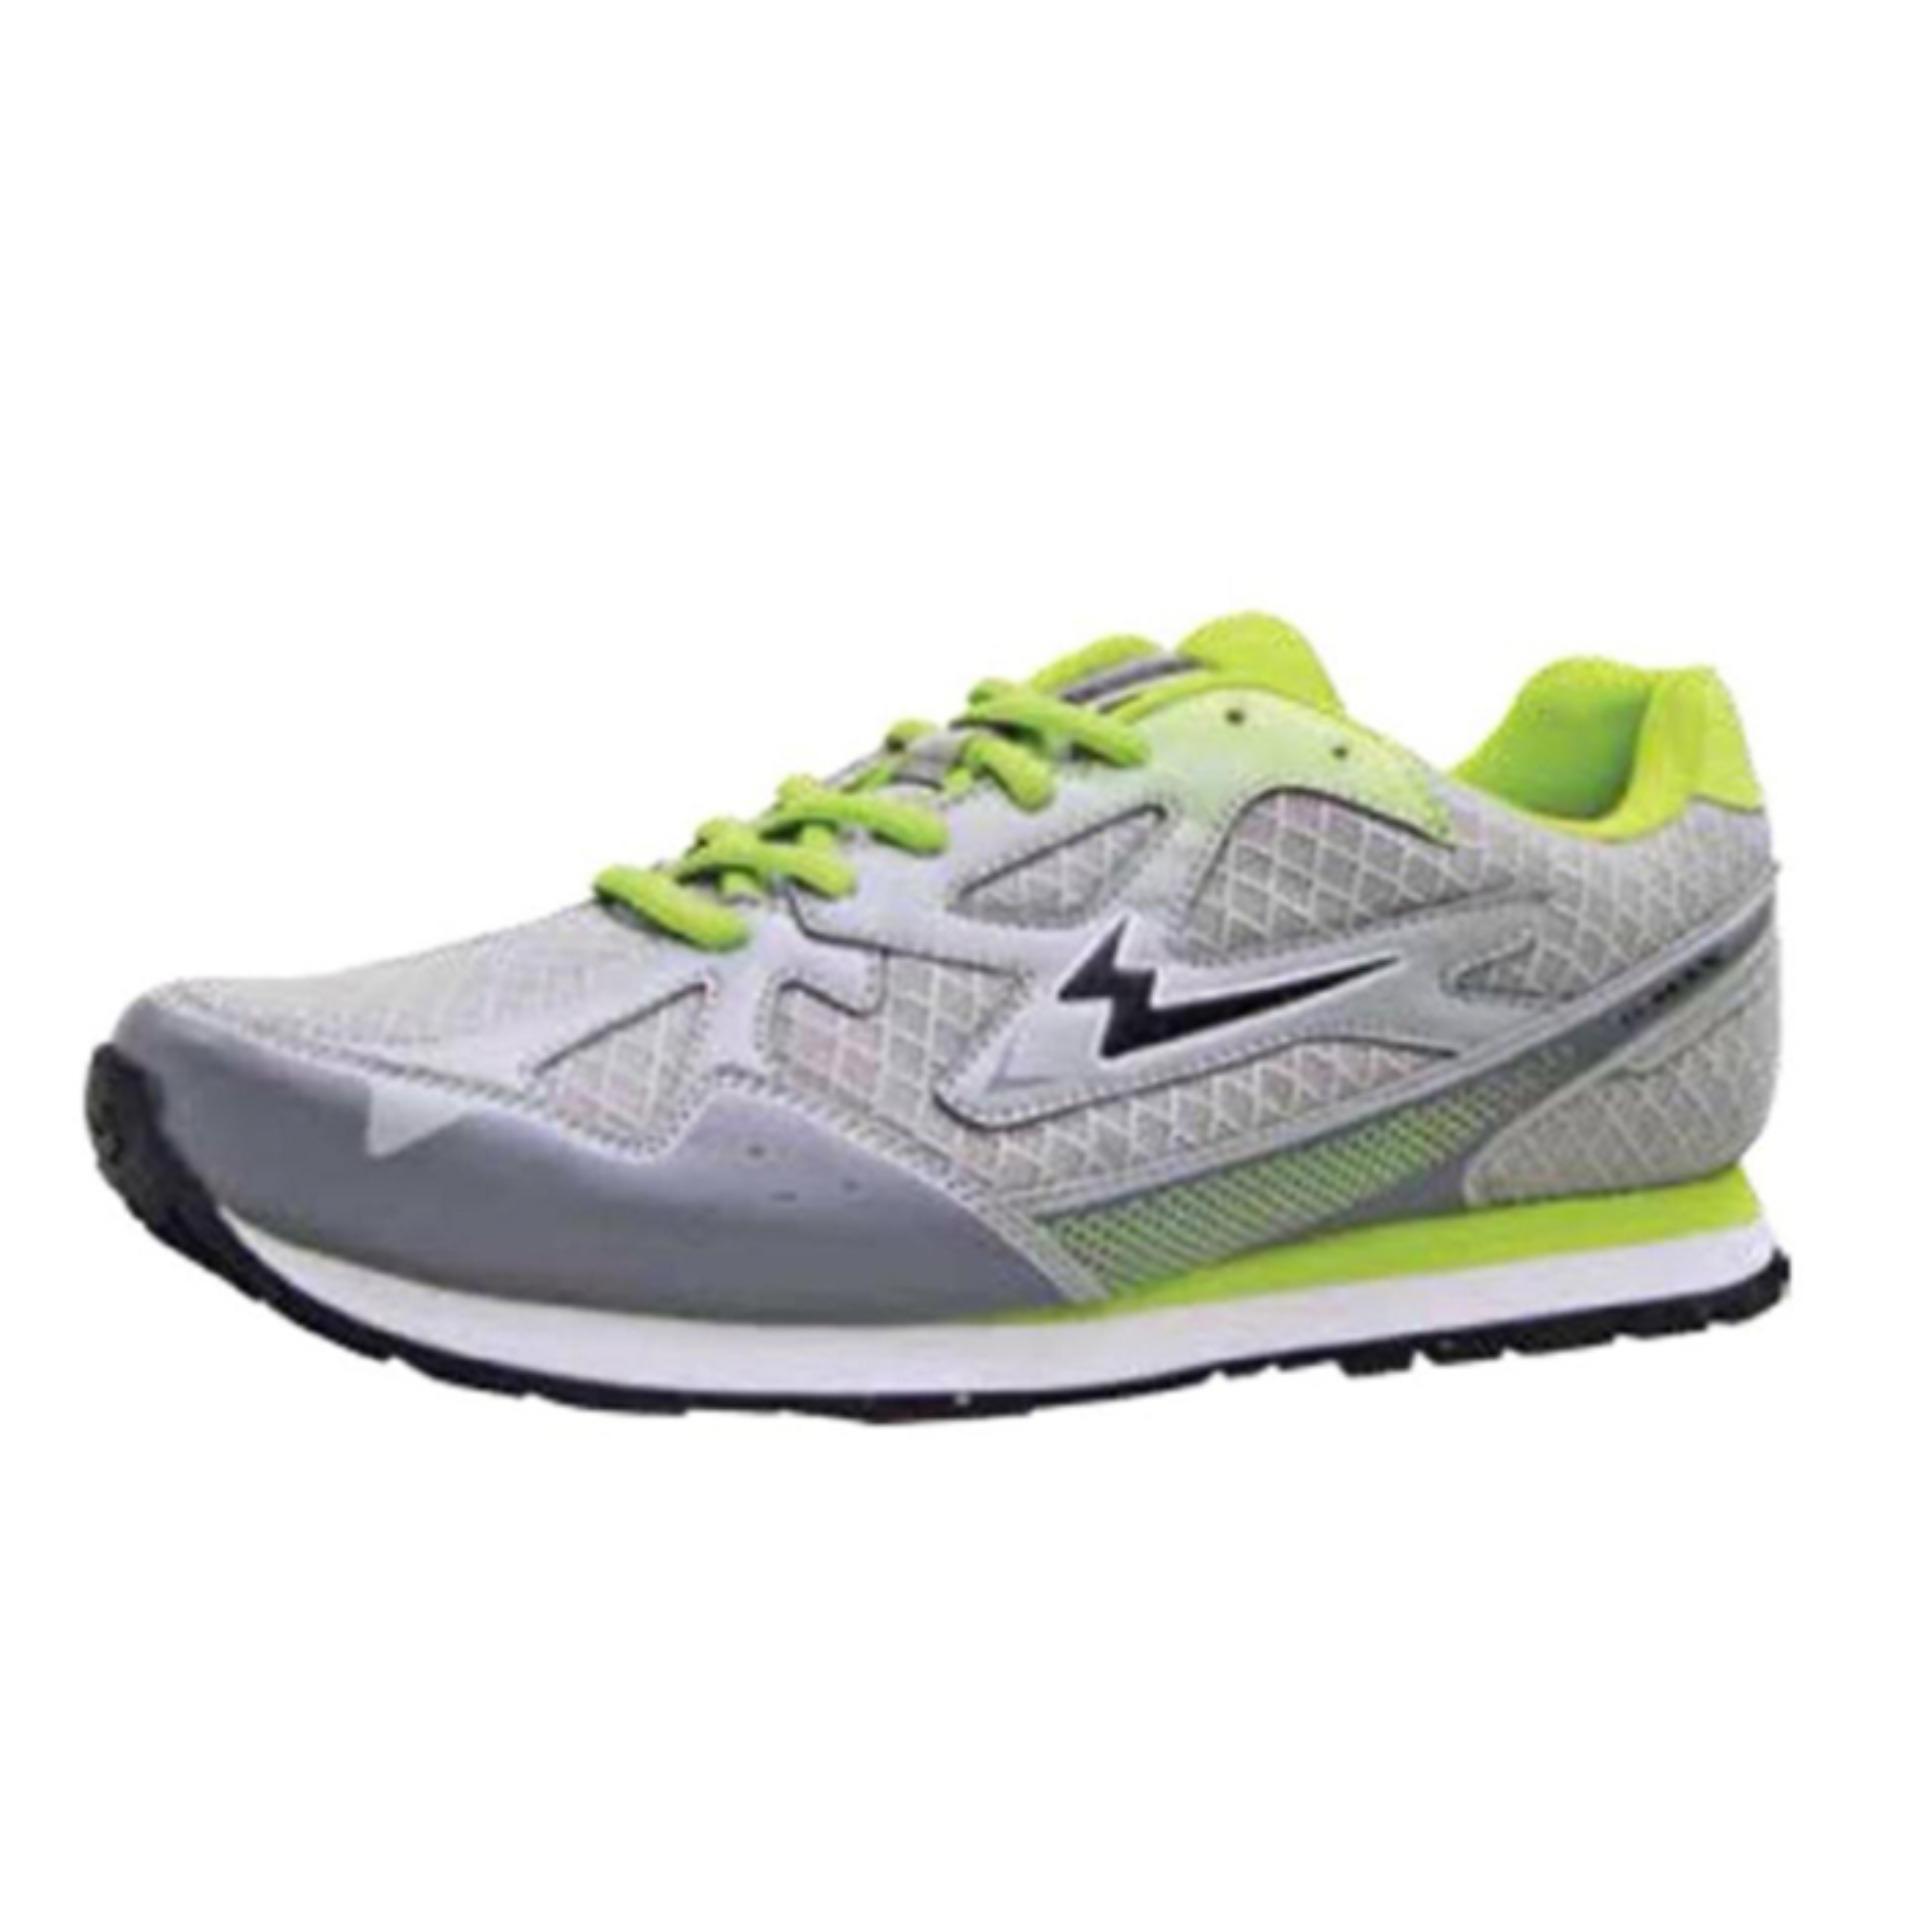 ... Sepatu Lari Aero Eagle - 3